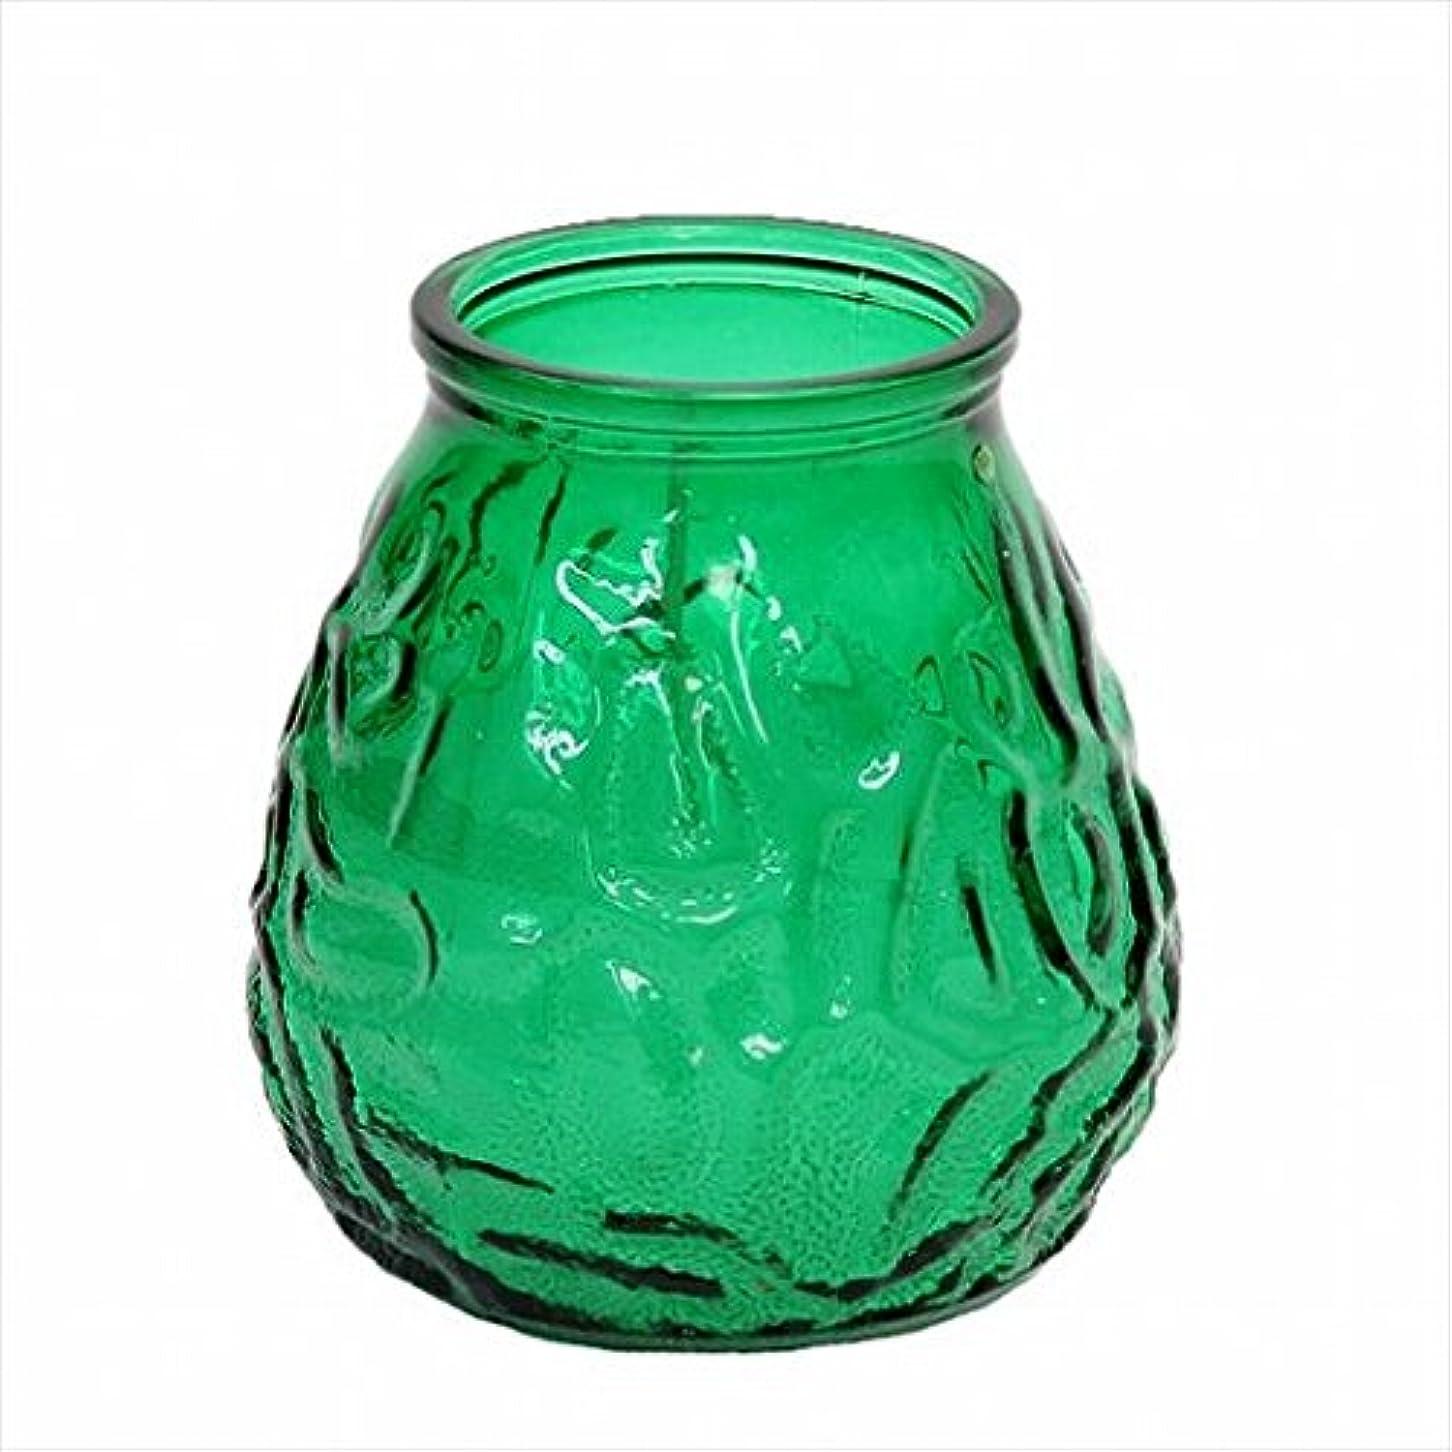 容赦ない陽気なビームカメヤマキャンドル(kameyama candle) ネオベネチアン(ライトカラー) 「 グリーン 」